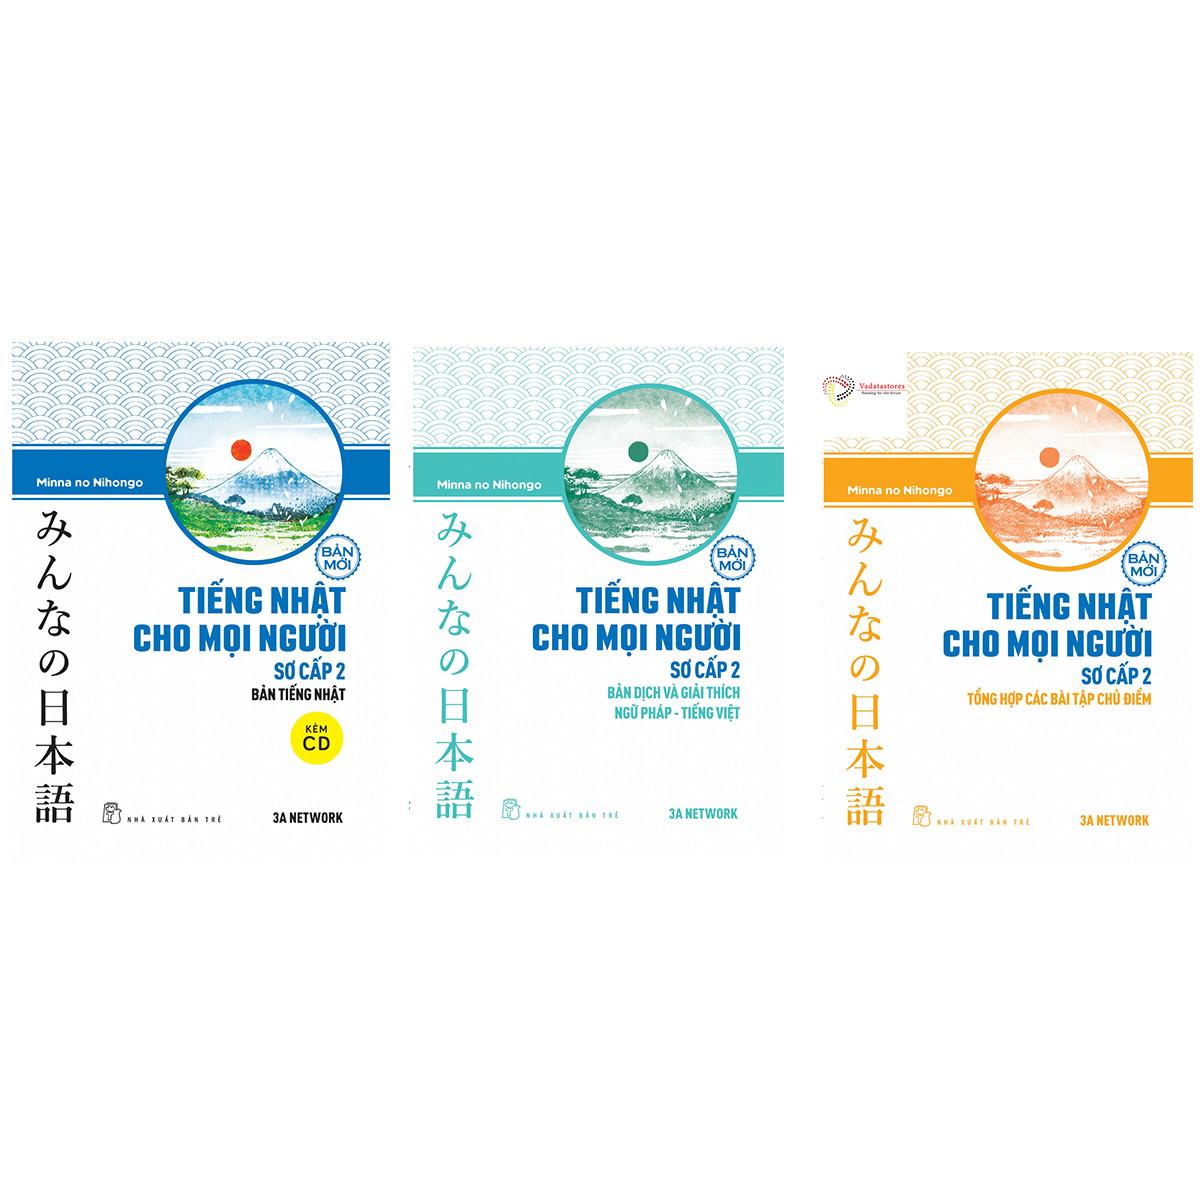 Combo 3 cuốn minna no nihongo trình độ n4 (Tiếng Nhật Cho Mọi Người - Sơ Cấp 2) Giáo trình, bản dịch, bài tập tặng cuốn rèn kỹ năng cho bé